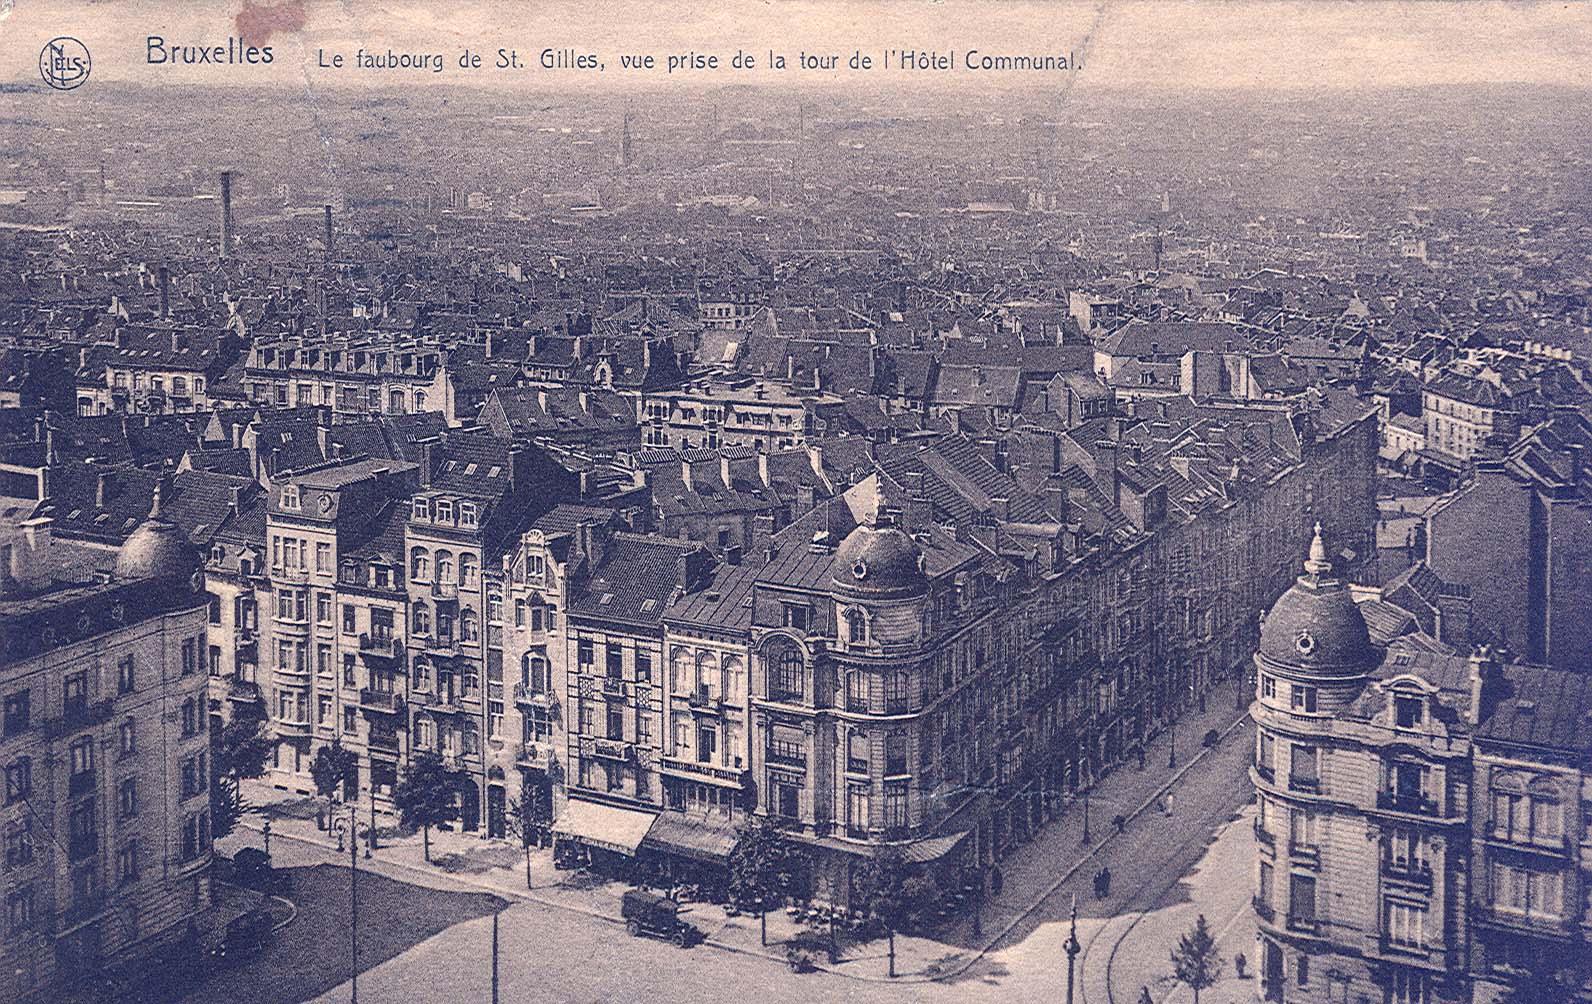 Zicht over Sint-Gillis vanaf het Stadhuis van de gemeente, rond 1908 (Verzameling van Dexia Bank).